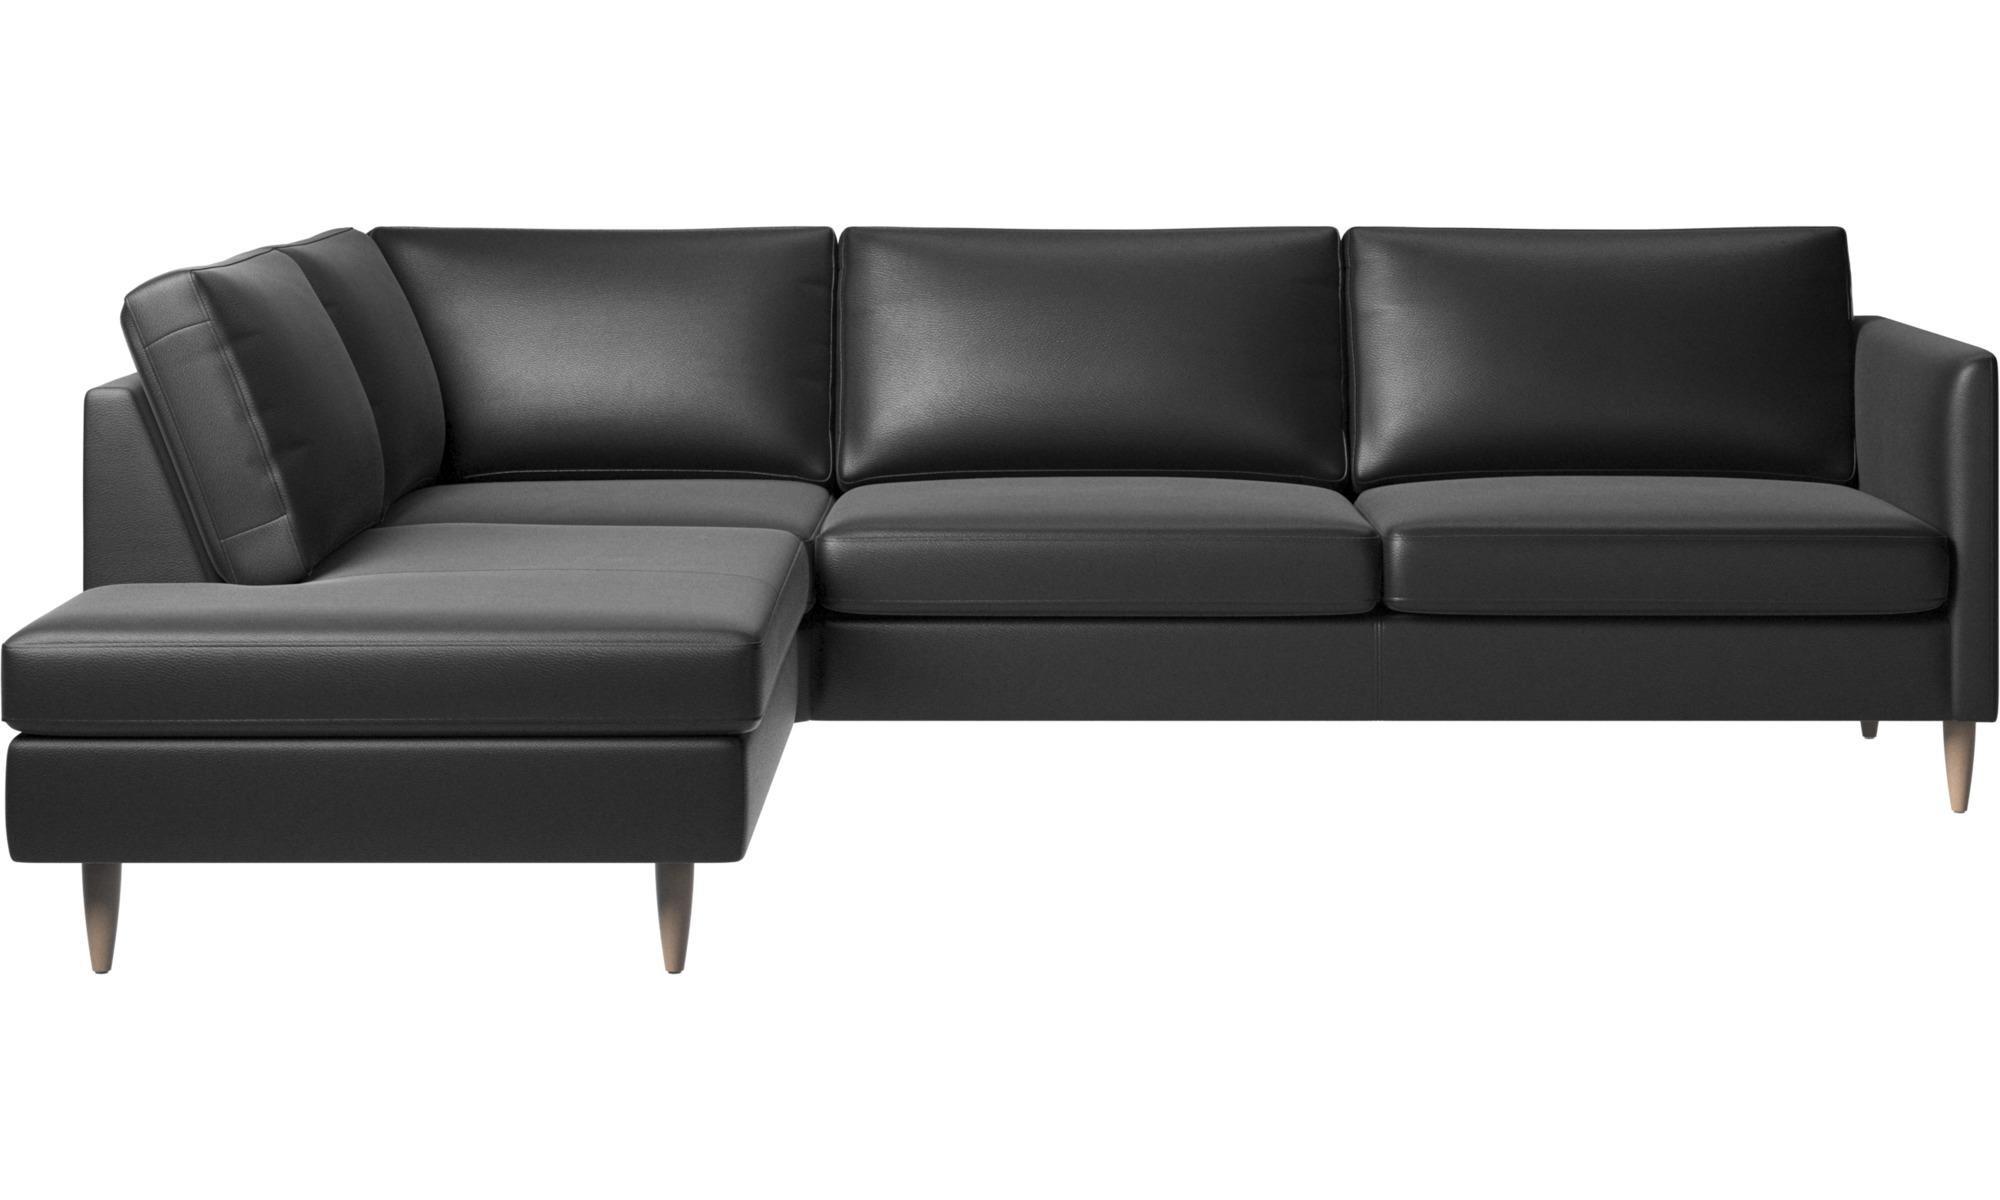 Hjørnesofaer - Indivi hjørnesofa med loungemodul - Sort - Læder